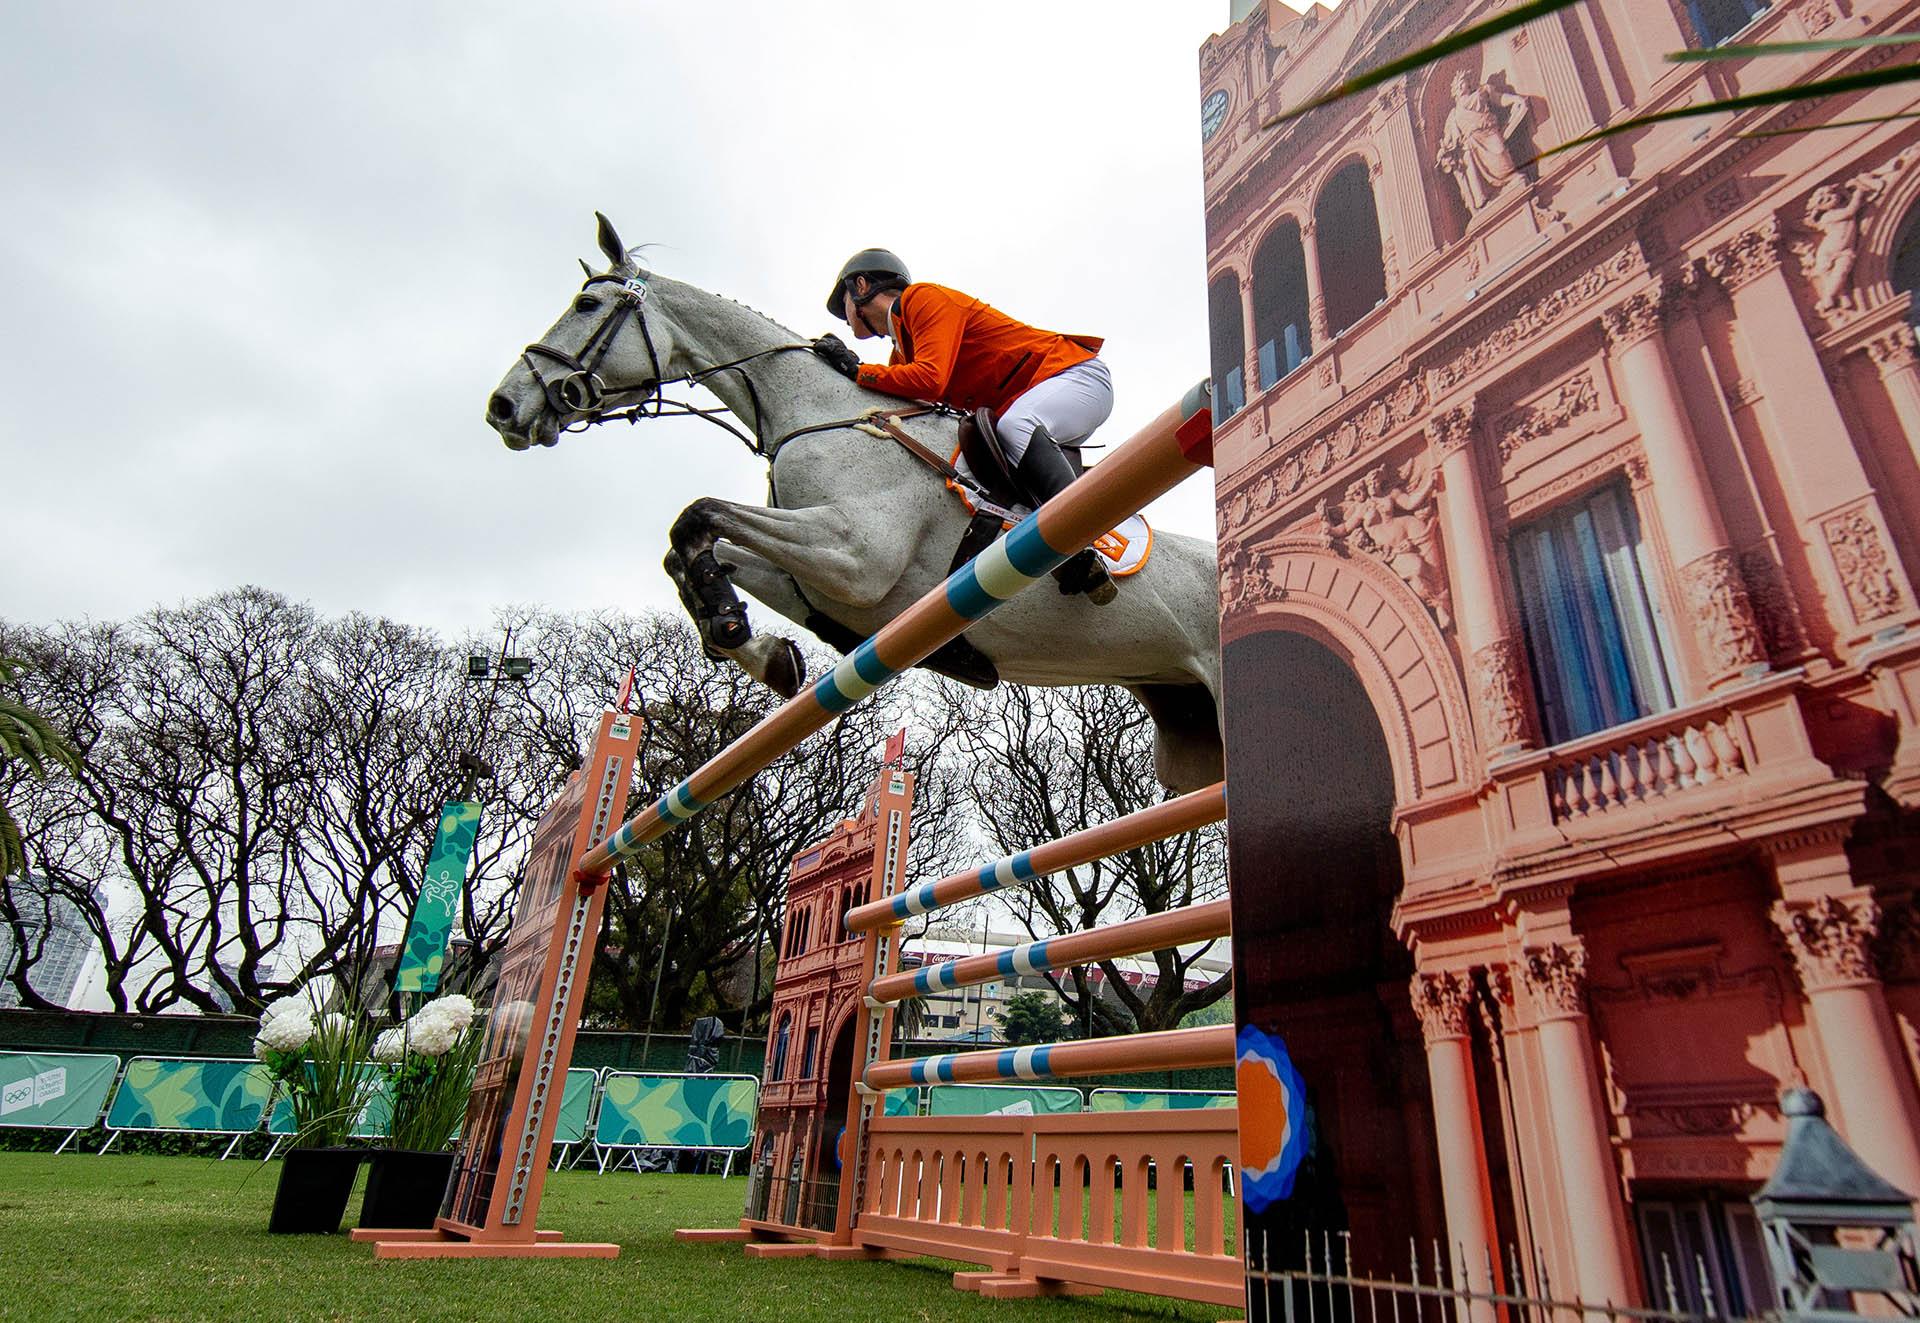 El holandés Rowen Van De Mheenjunto a su yeguaBaral Ourikacompletaron las pruebas de ecuestreen el Club Hípico Argentino (Foto: REUTERS)